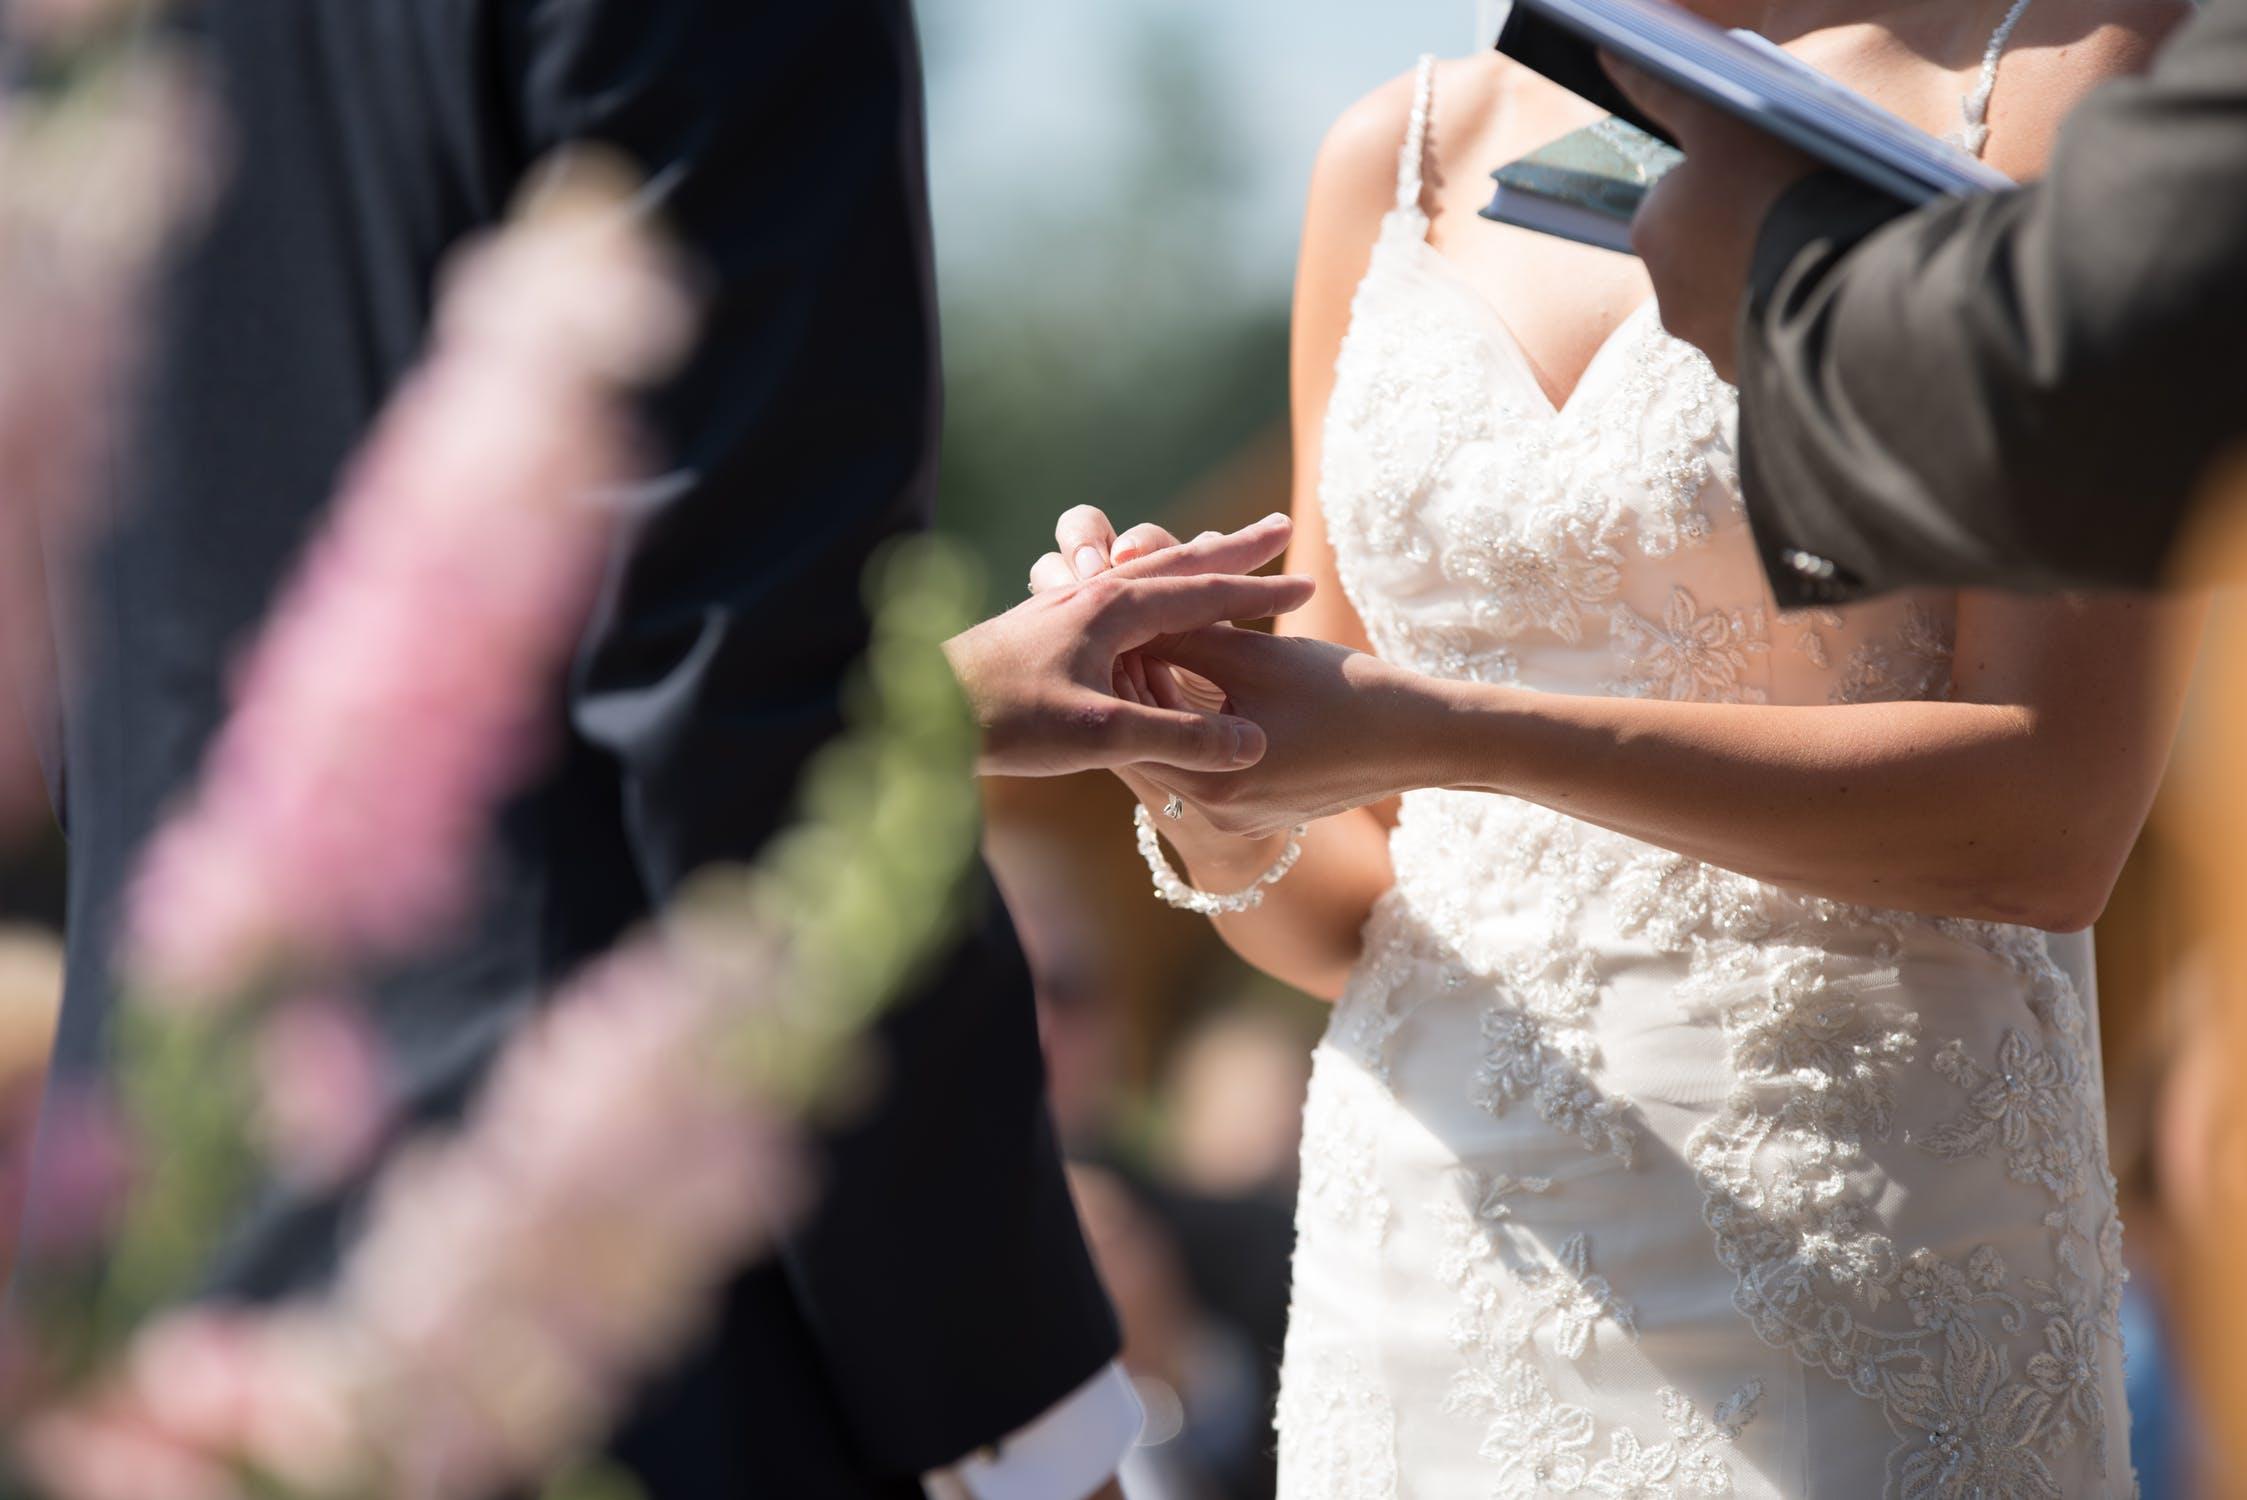 """那些""""无证结婚""""的姑娘们,婚后过得怎么样?且听听她们的心里话"""